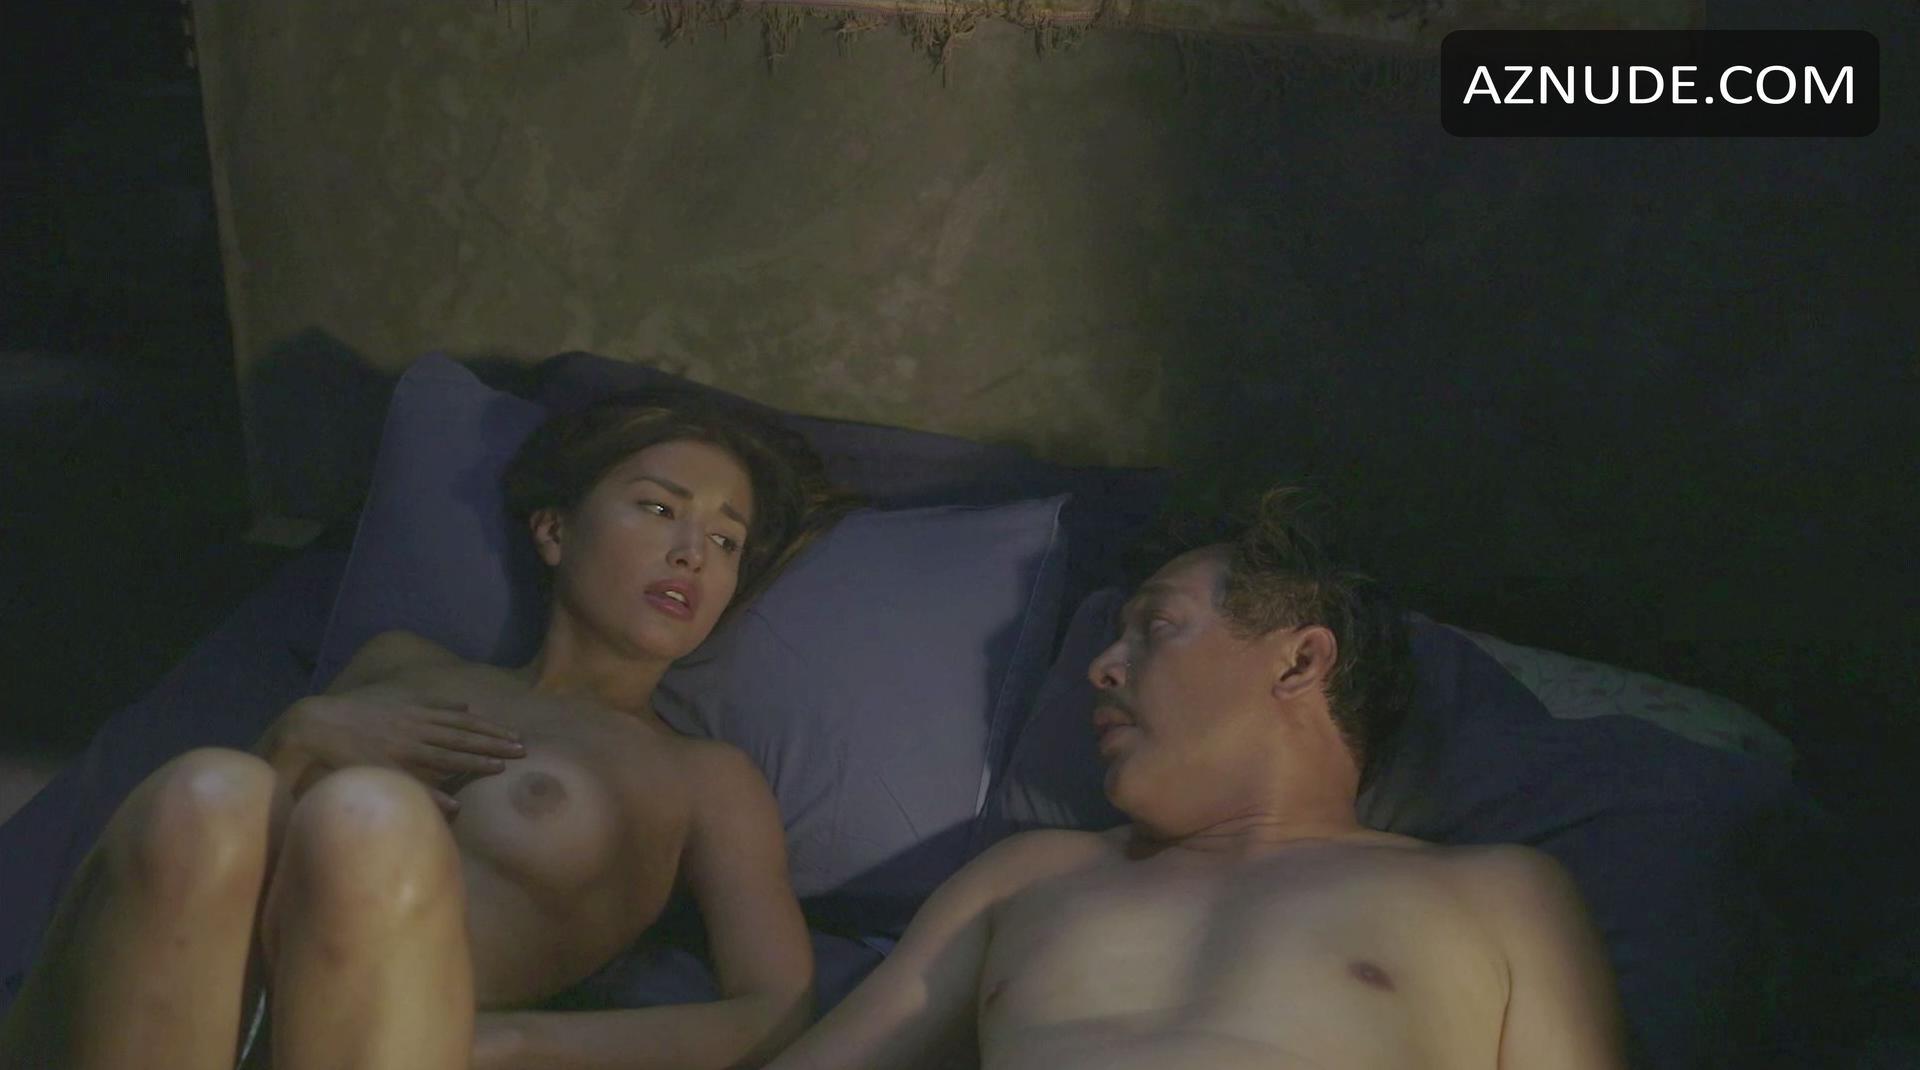 image Alexandra daddario nude from true detective